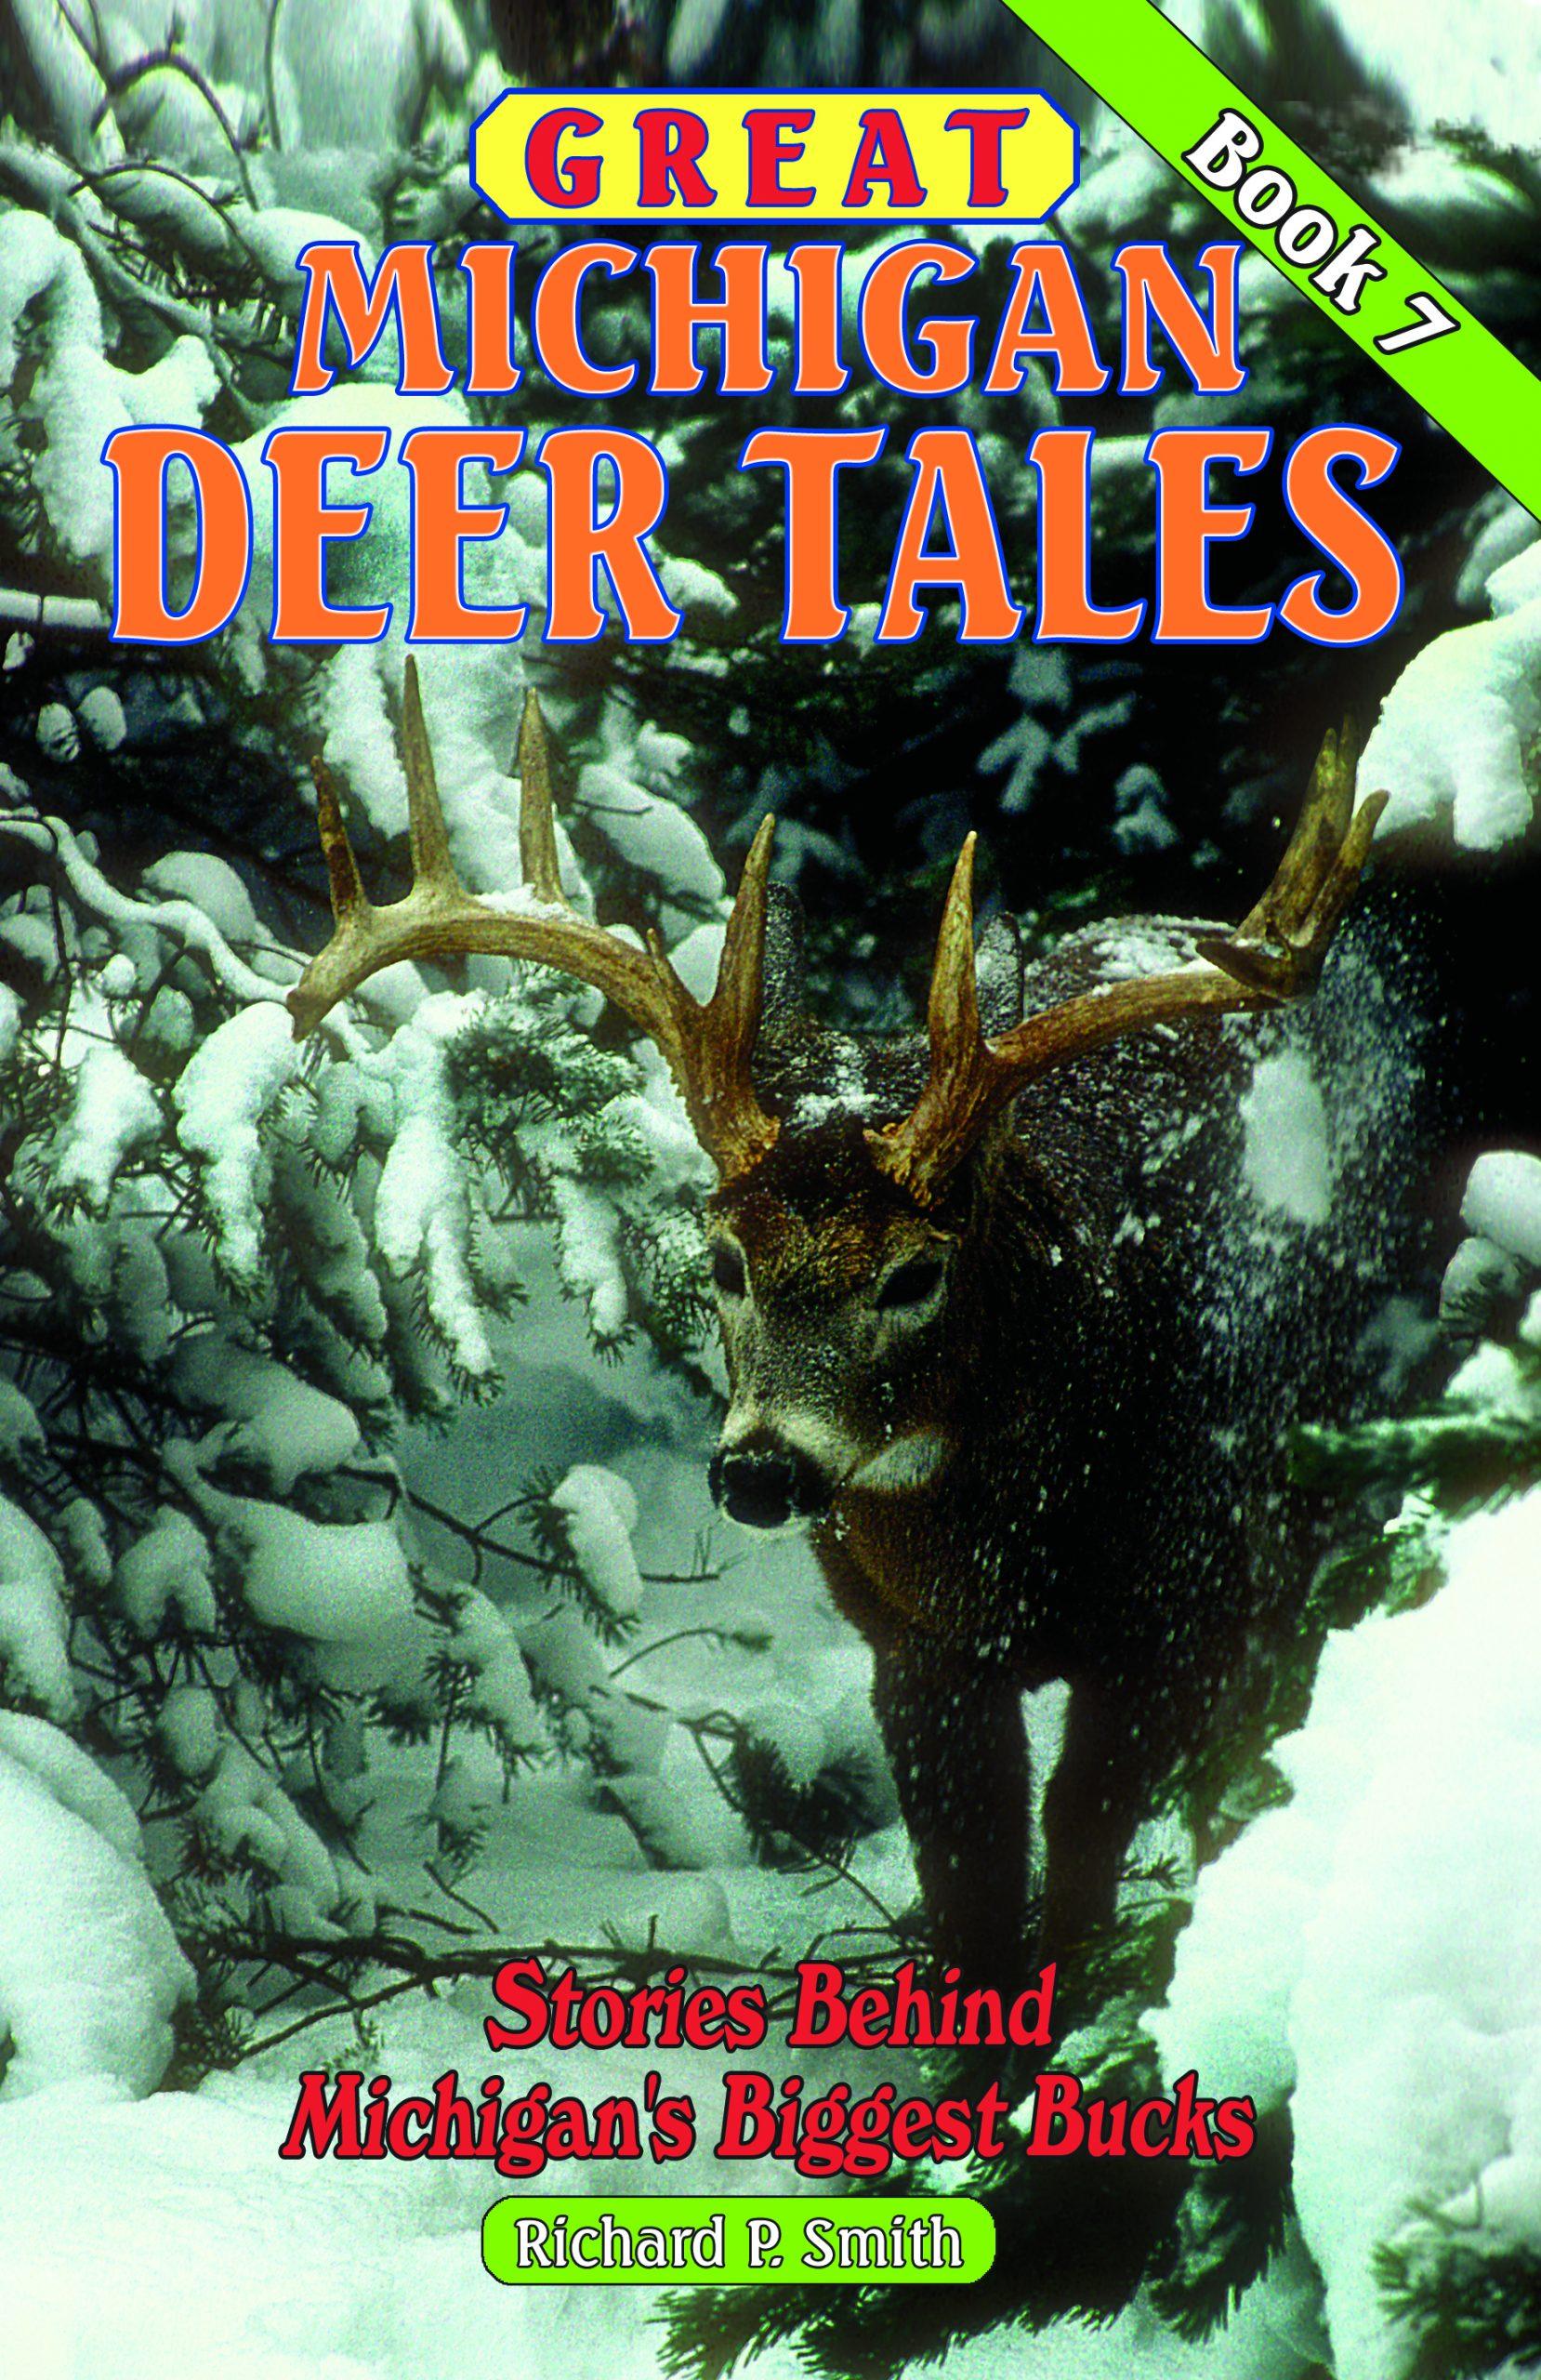 Great Michigan Deer Tales, Book7 Image